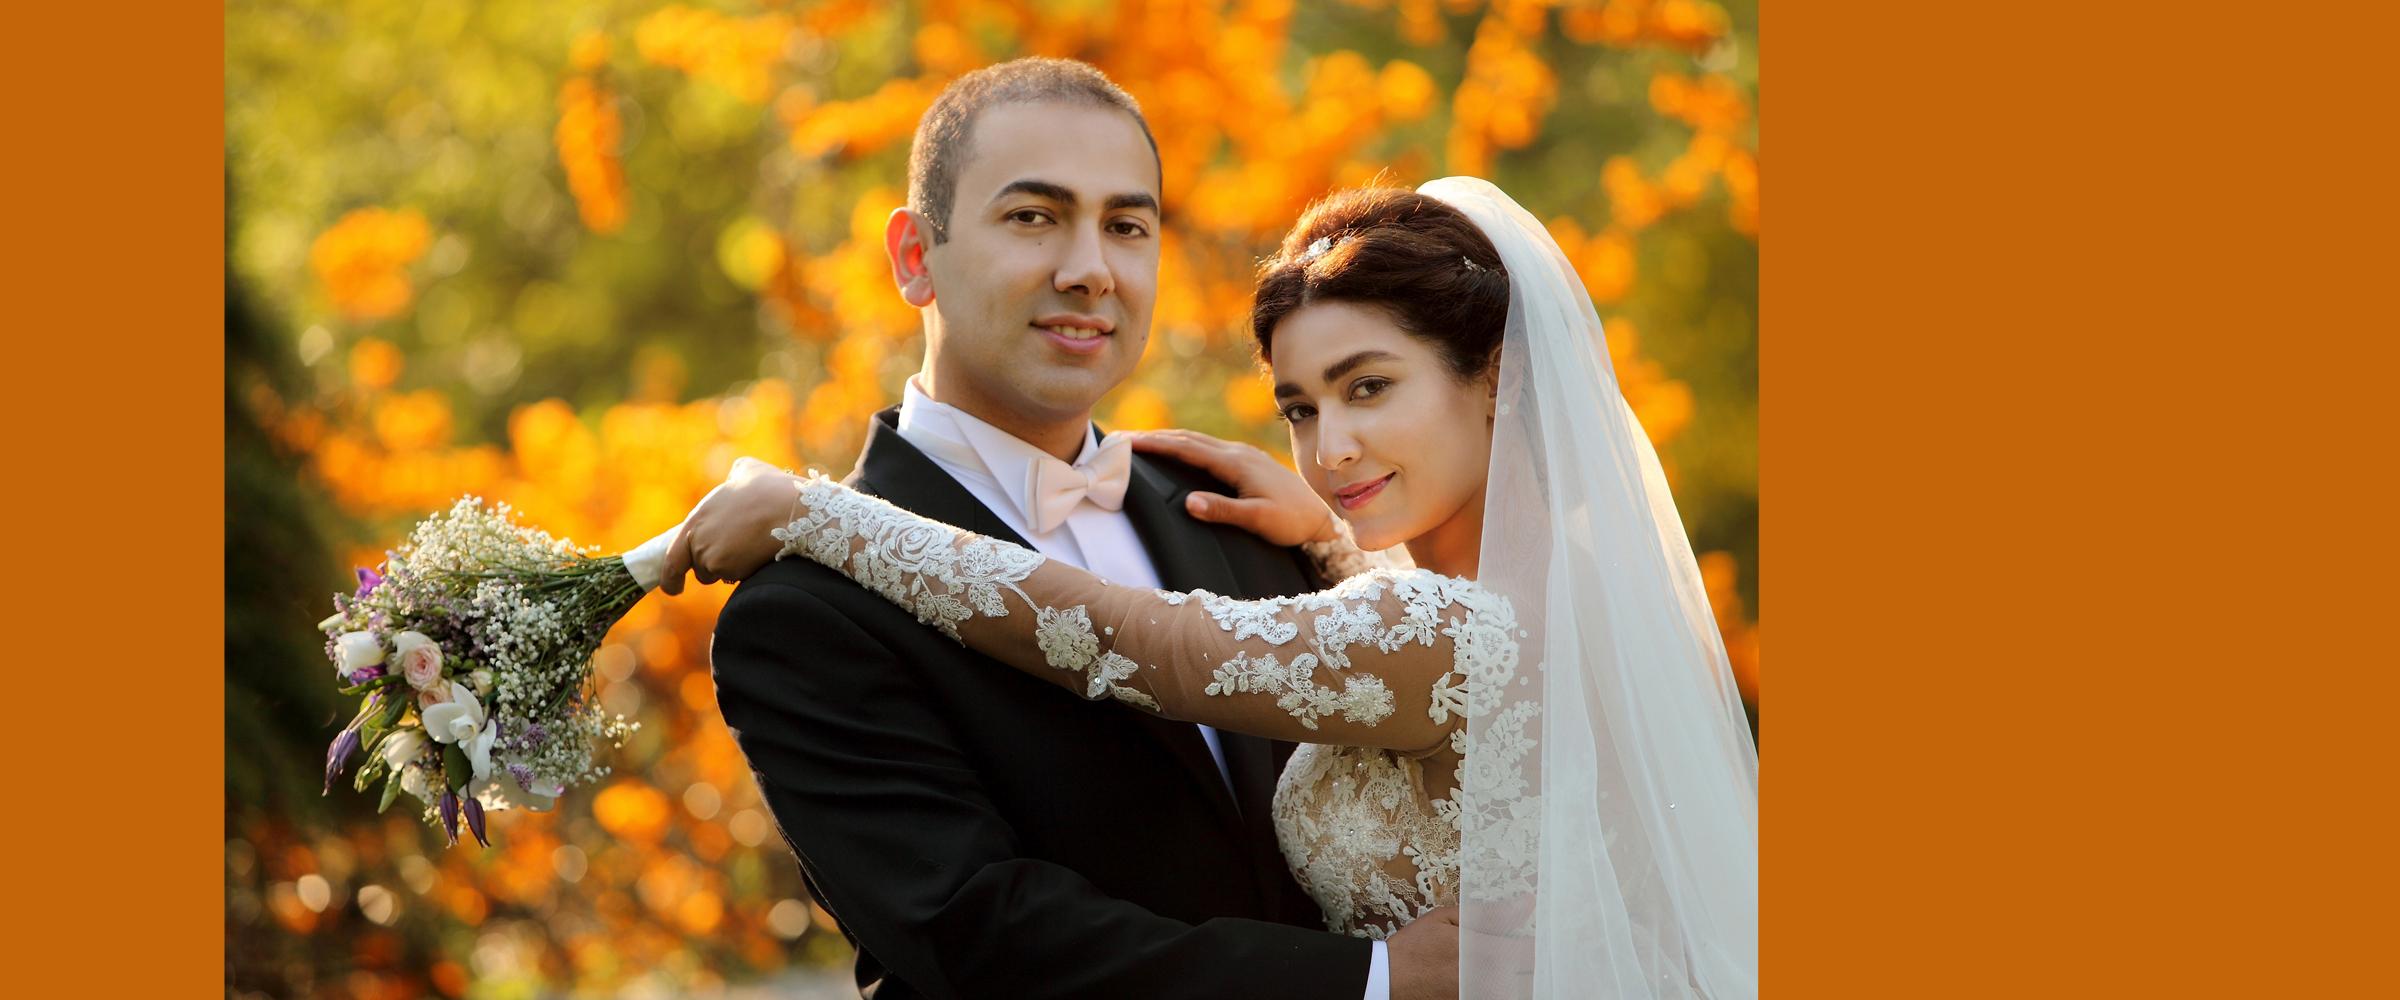 Hochzeitsportrait eines Mannes im dunklen Anzug, der eine Frau im Arm hält, die ein weißes, blumenbesticktes Brautkleid mit langer Schleppe trägt und einen Brautstrauß in der Hand hält (Brautpaar).